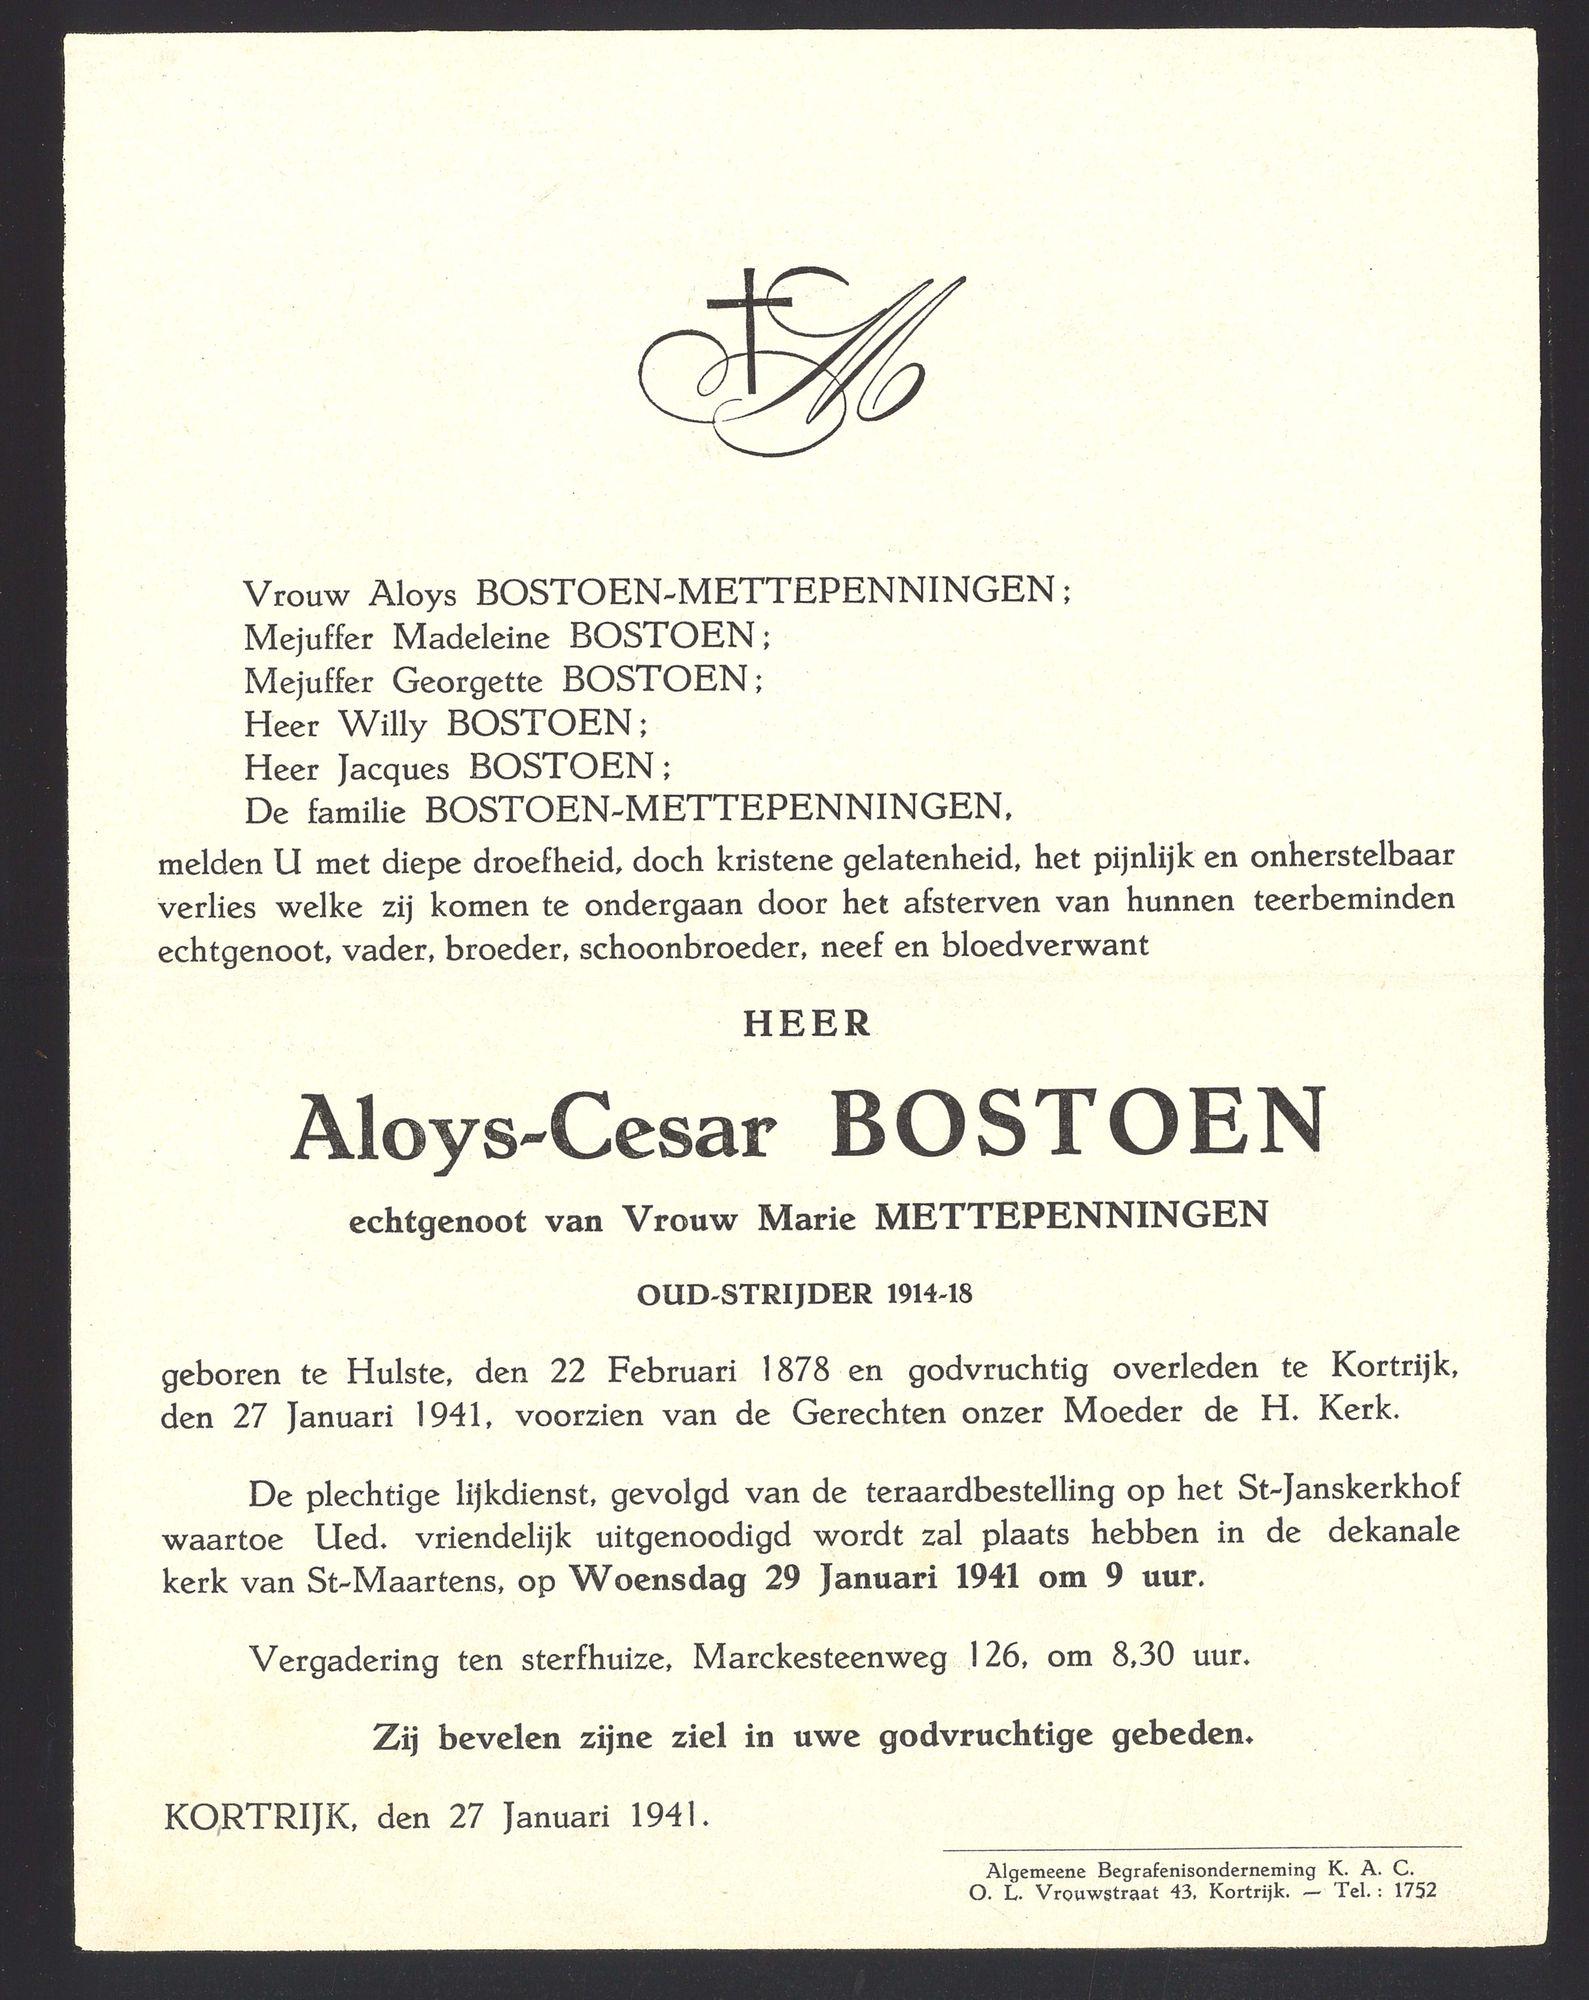 Bostoen Aloys-Cesar